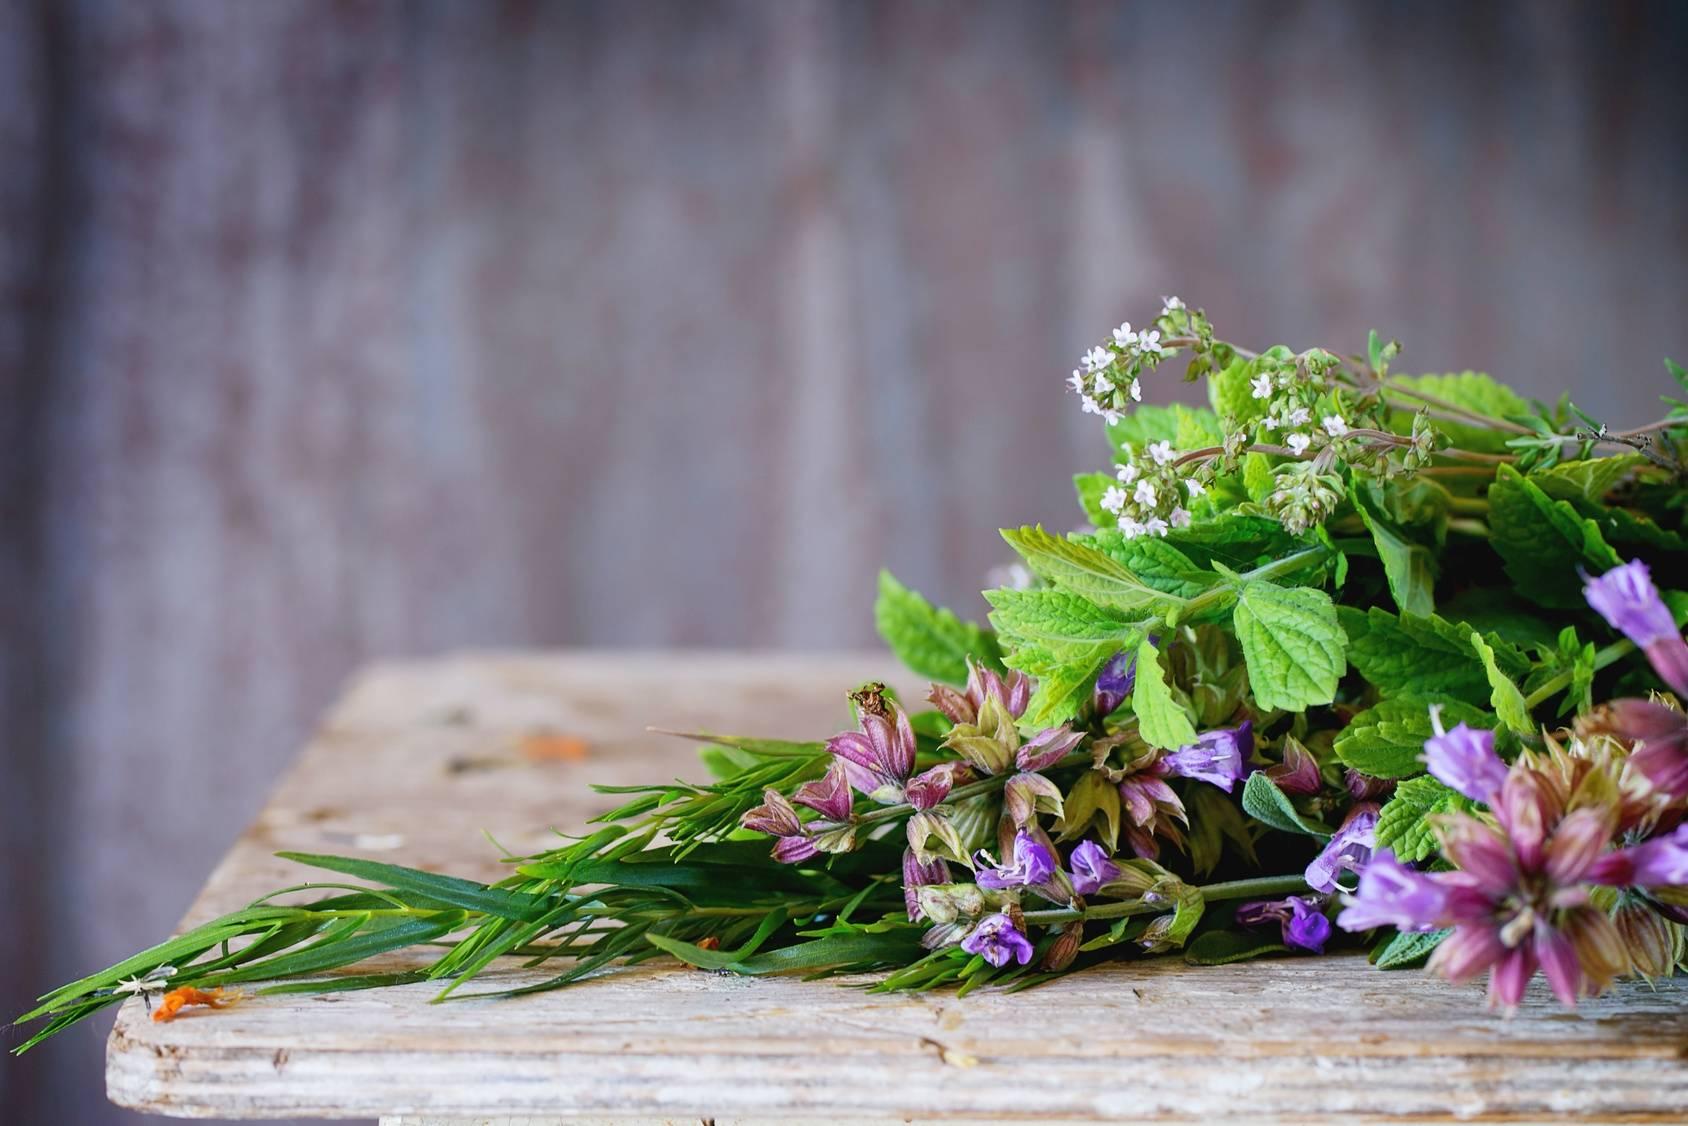 Ziołolecznictwo - naturalne antybiotyki z roślin.